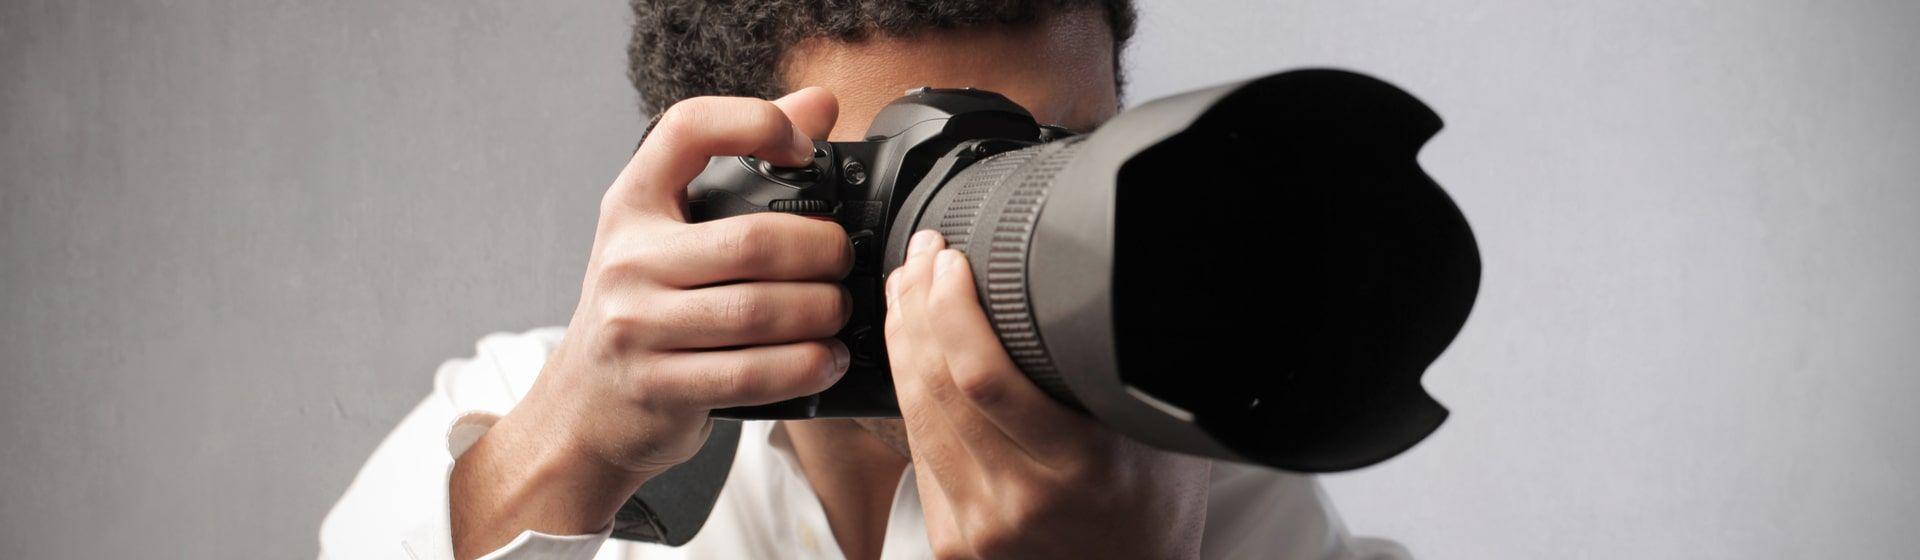 Câmera profissional: veja as melhores opções em 2021